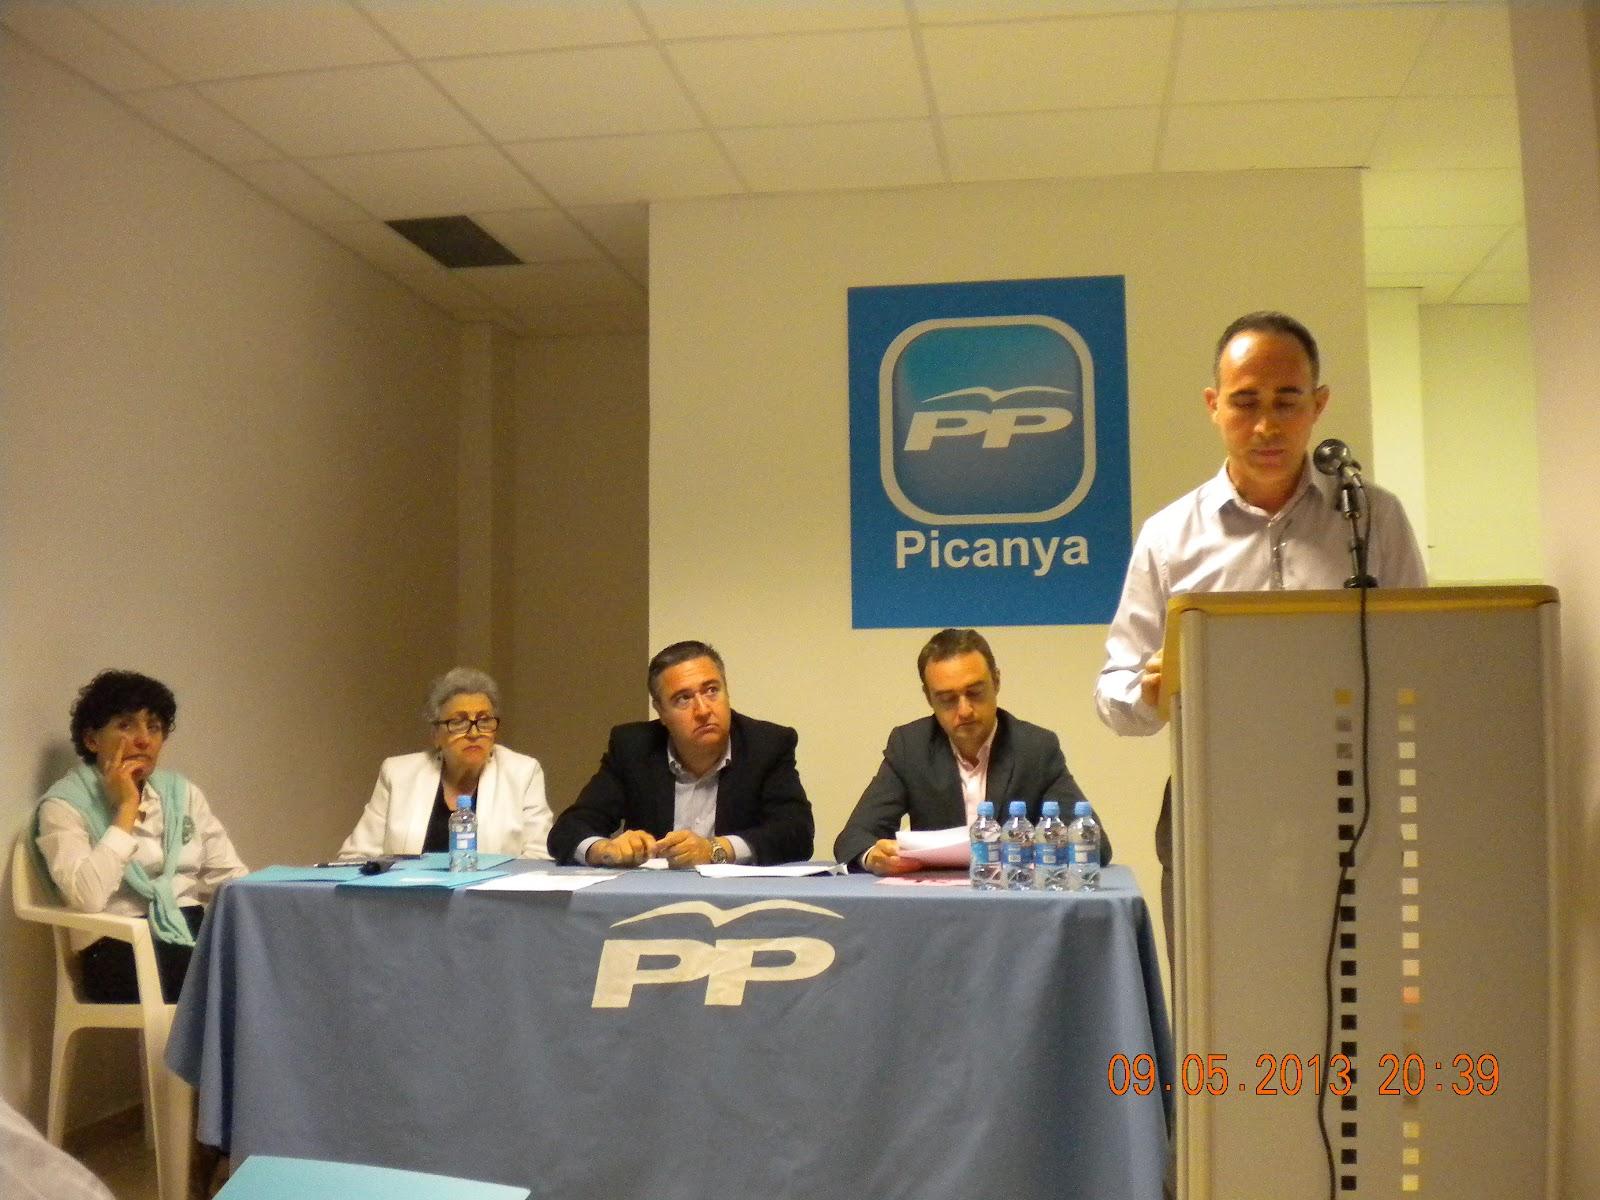 El PP de Picanya lamenta la actitud del alcalde Almenar «adjudicándose méritos ajenos»